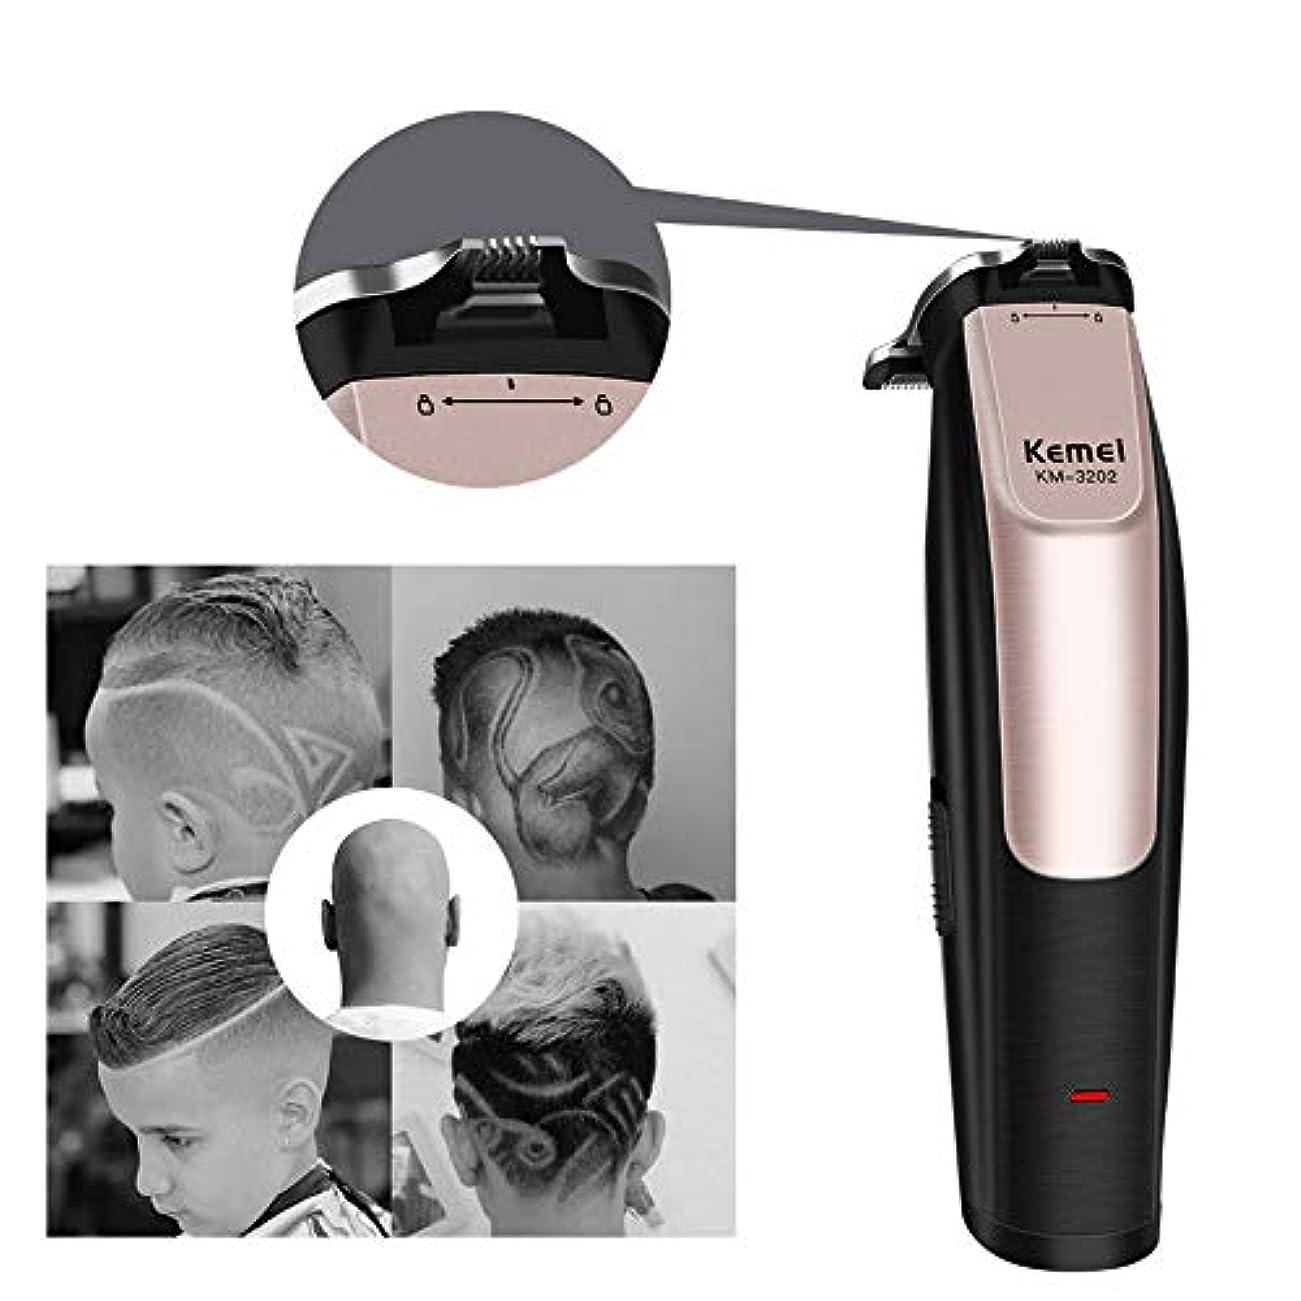 非常に怒っていますディレクタープラスバリカンは、0mmのBaldheadedヘアートリマーUSB充電式彫刻は男性の髪のカッティングマシンの精度でバリカンをカービング